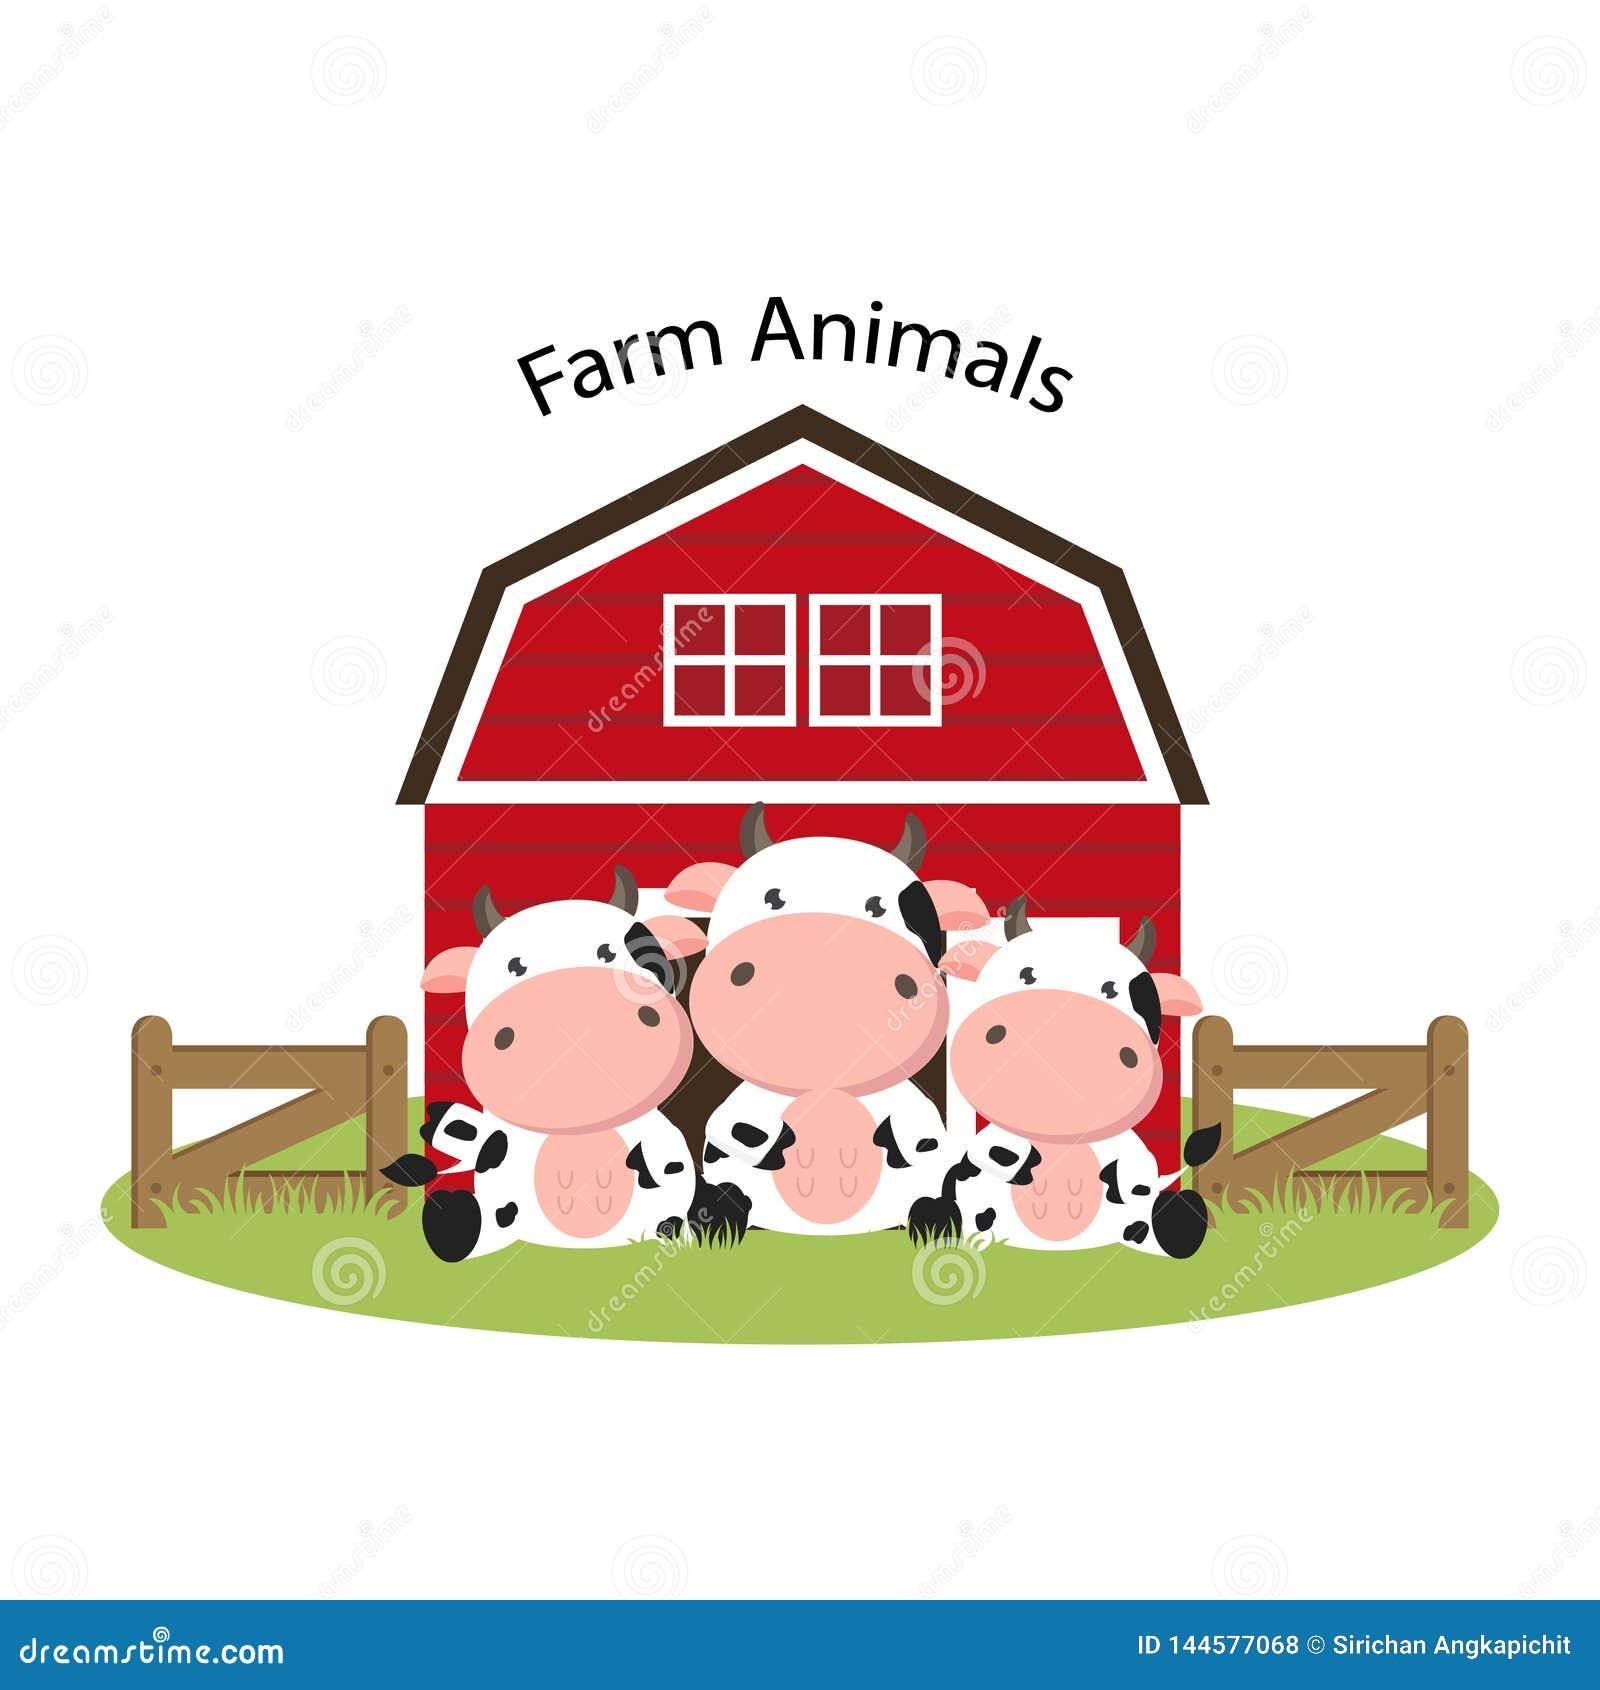 Happy Farm animals. Cute cow family cartoon.